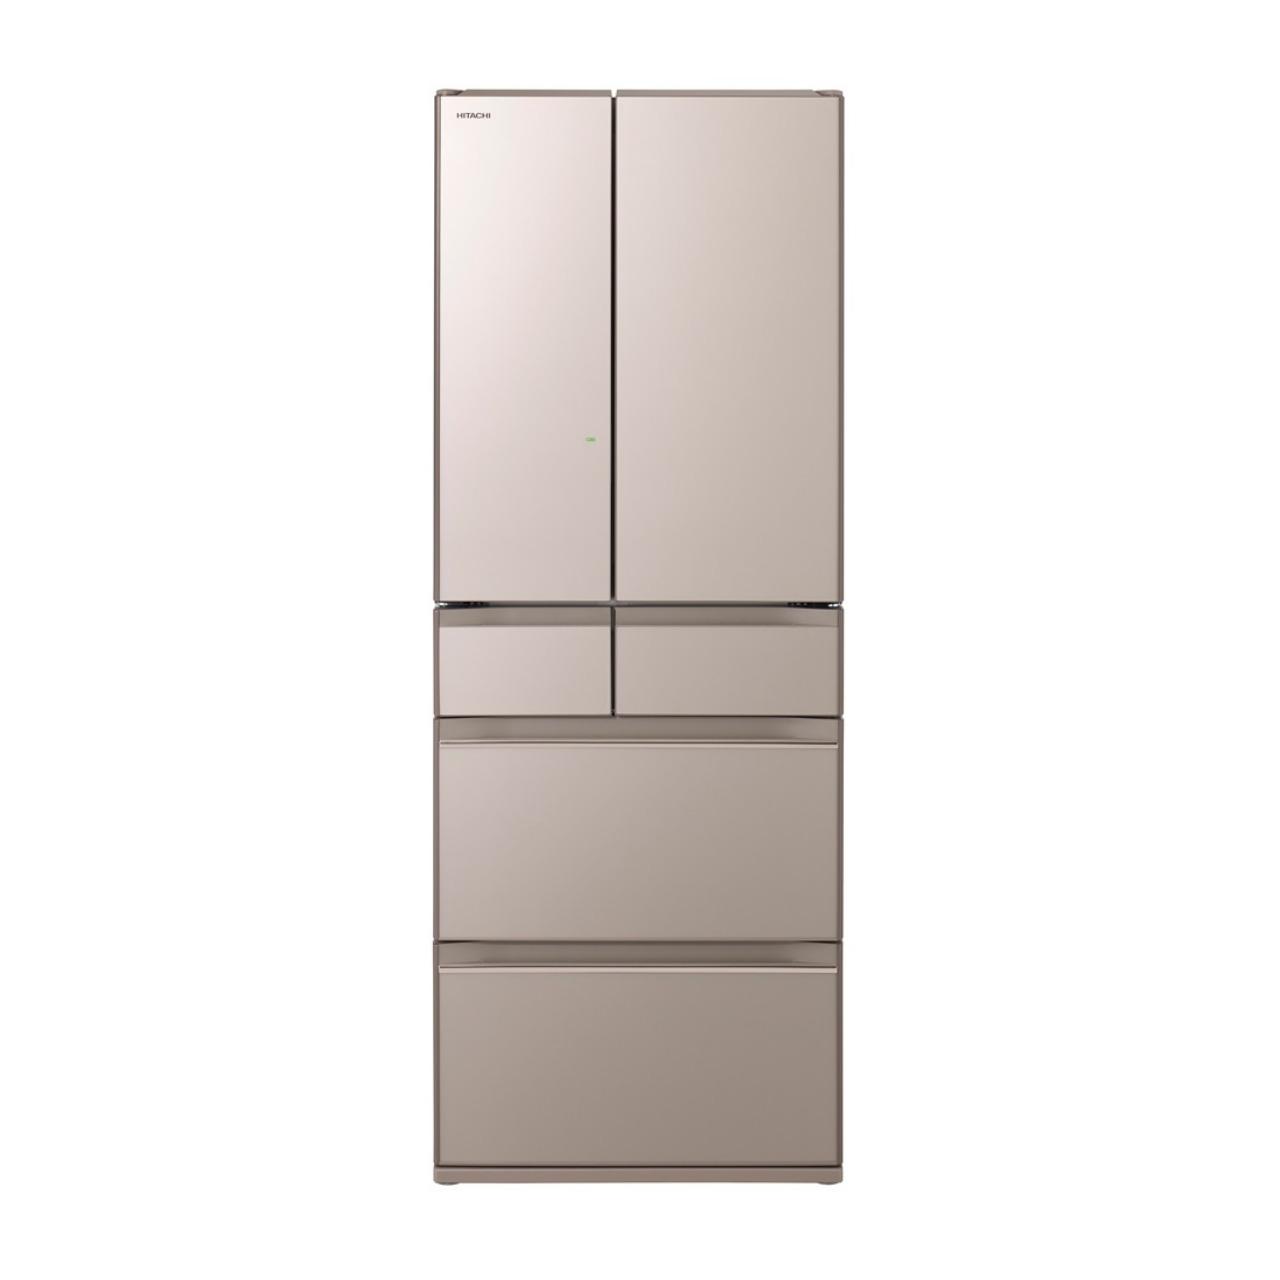 日立真空チルドR-HW60J冷蔵庫